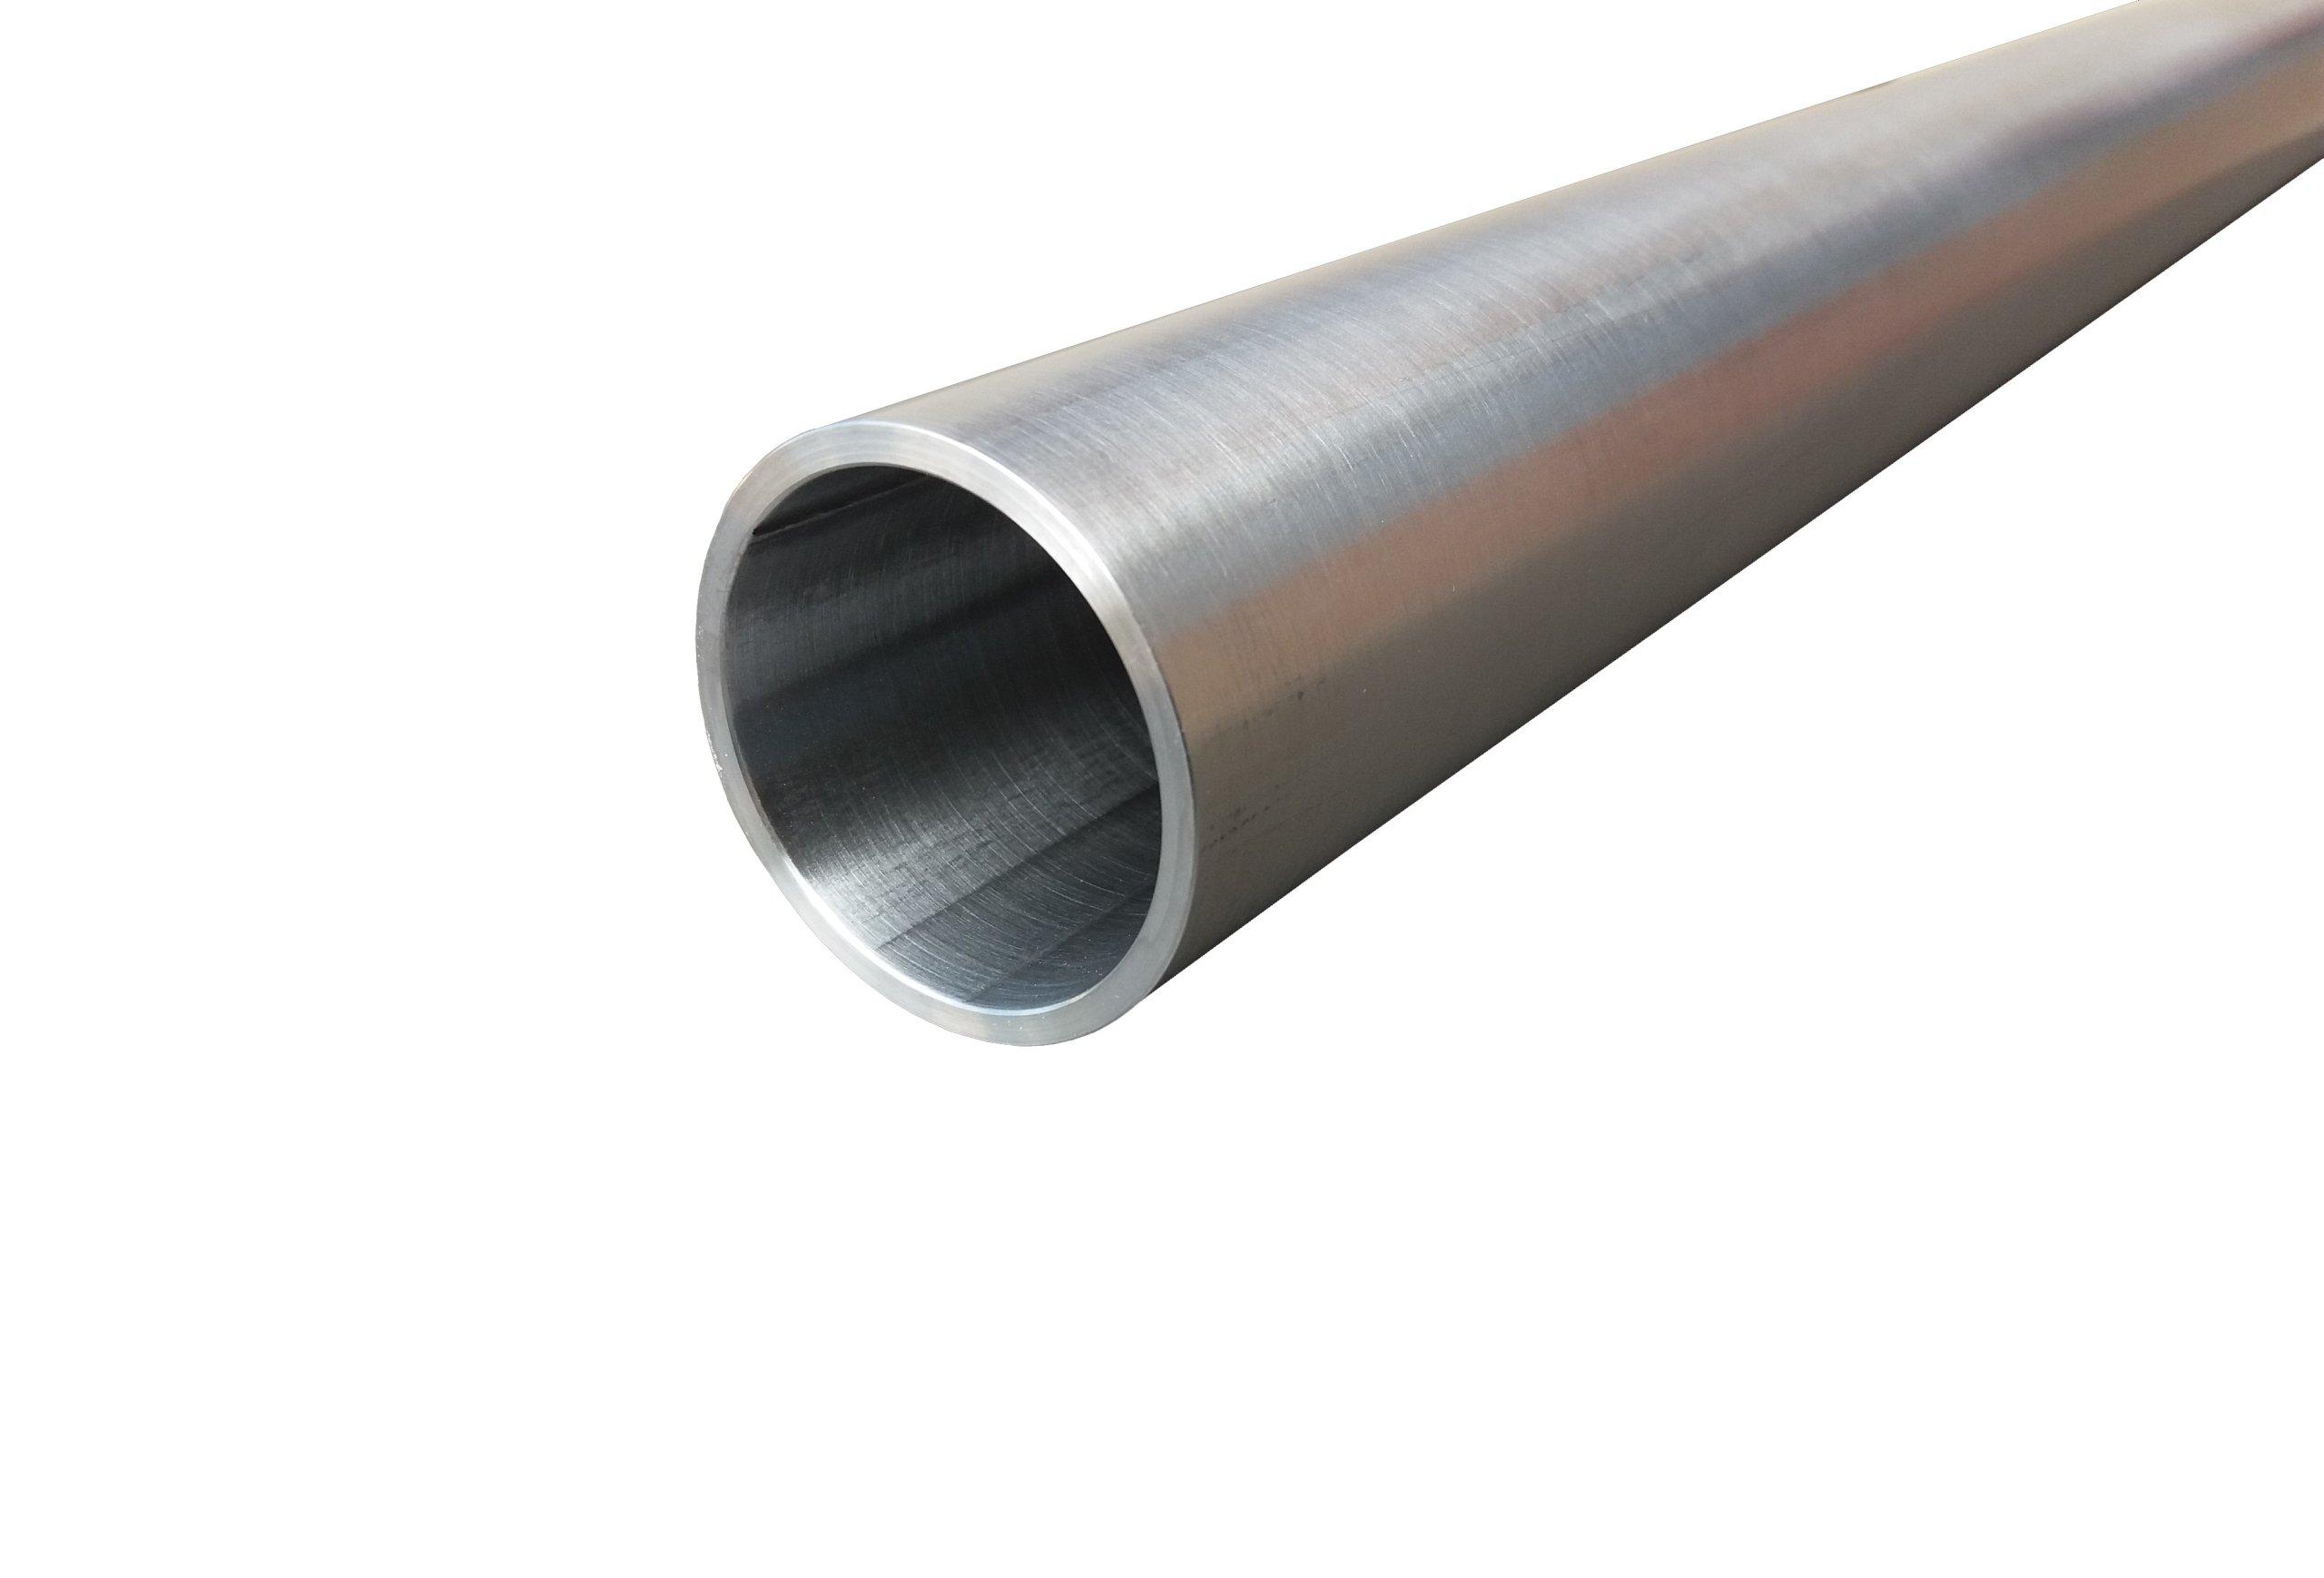 Nerezová trubica 76,1 x 2 mm kyselina odolná voči 50 cm